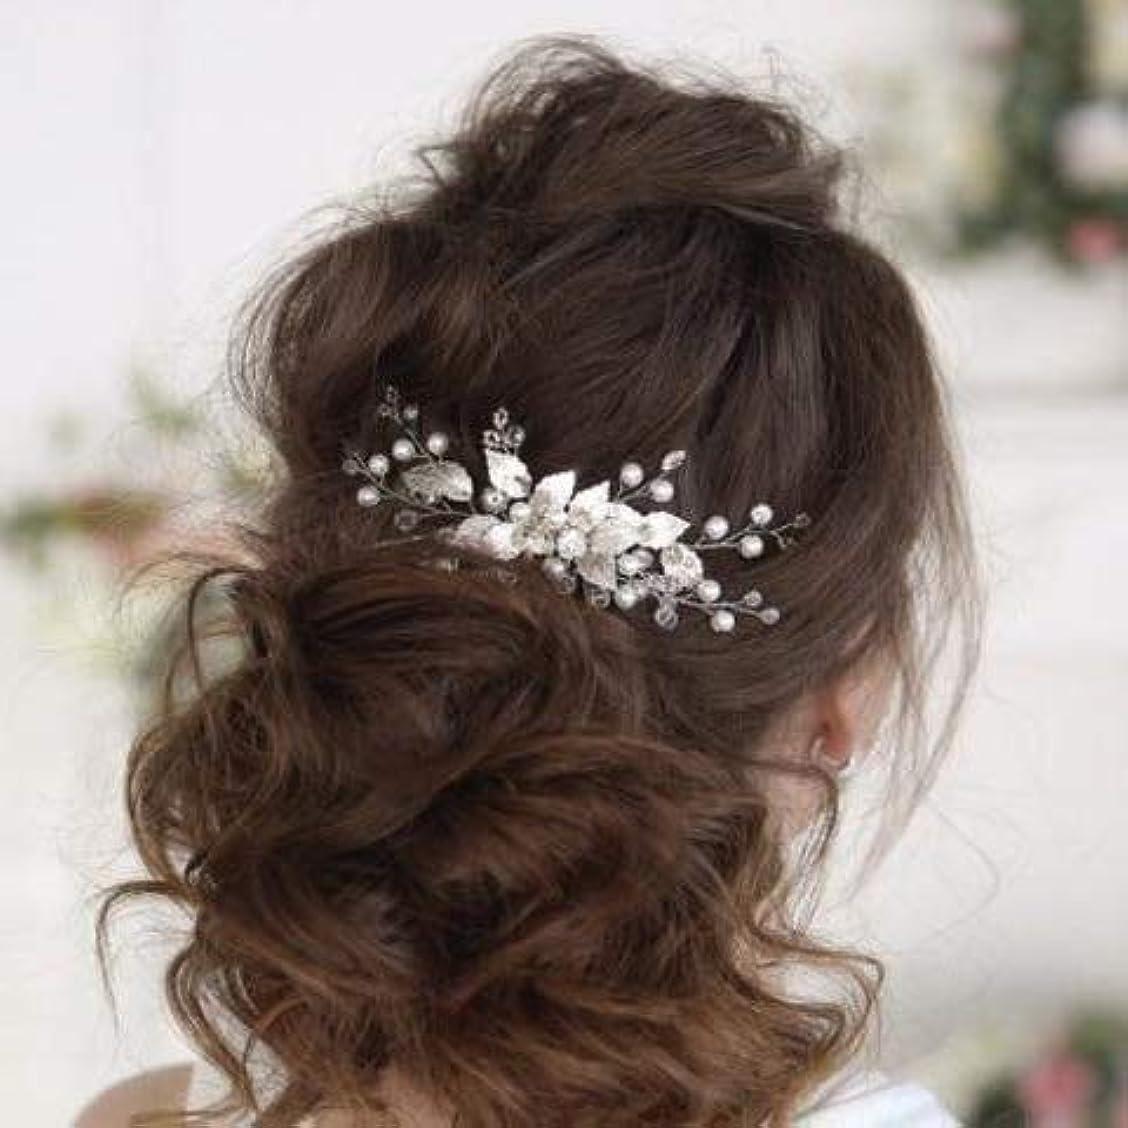 陪審闘争スキャンダラスKercisbeauty Boho Wedding Bridal Hair Comb Clips Decorative Headband with Crystal Leaf Rhinestones for Brides...